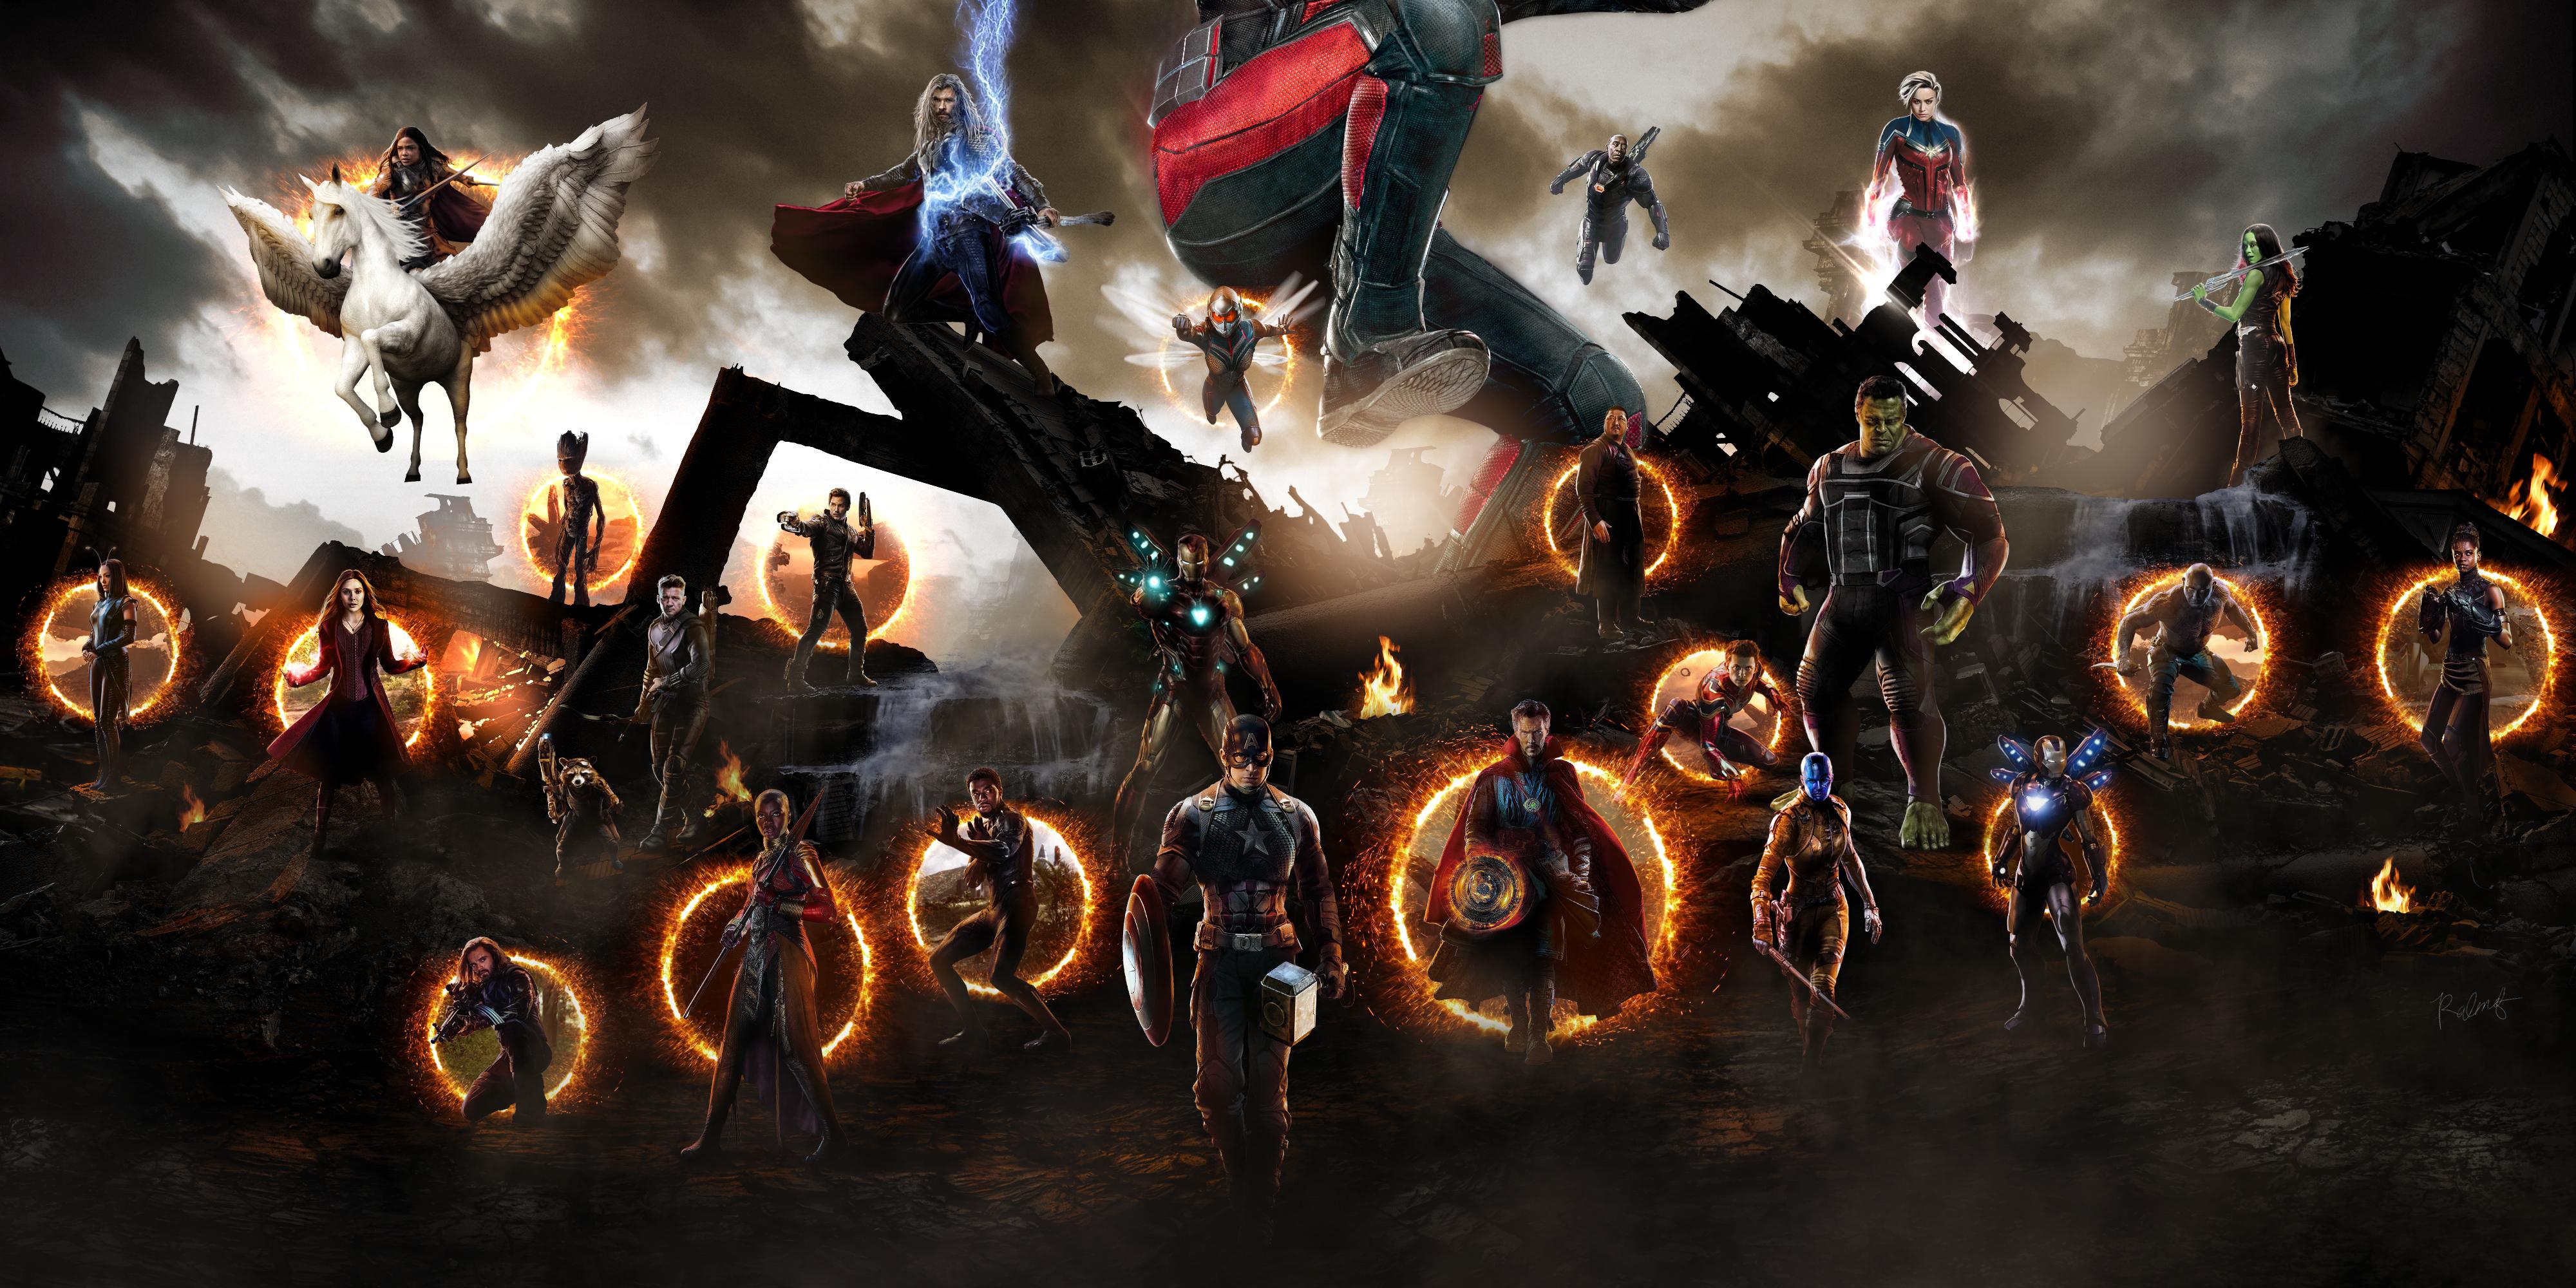 [Jeu] Suite d'images !  - Page 28 Avengers-endgame-final-battle-scene-3u